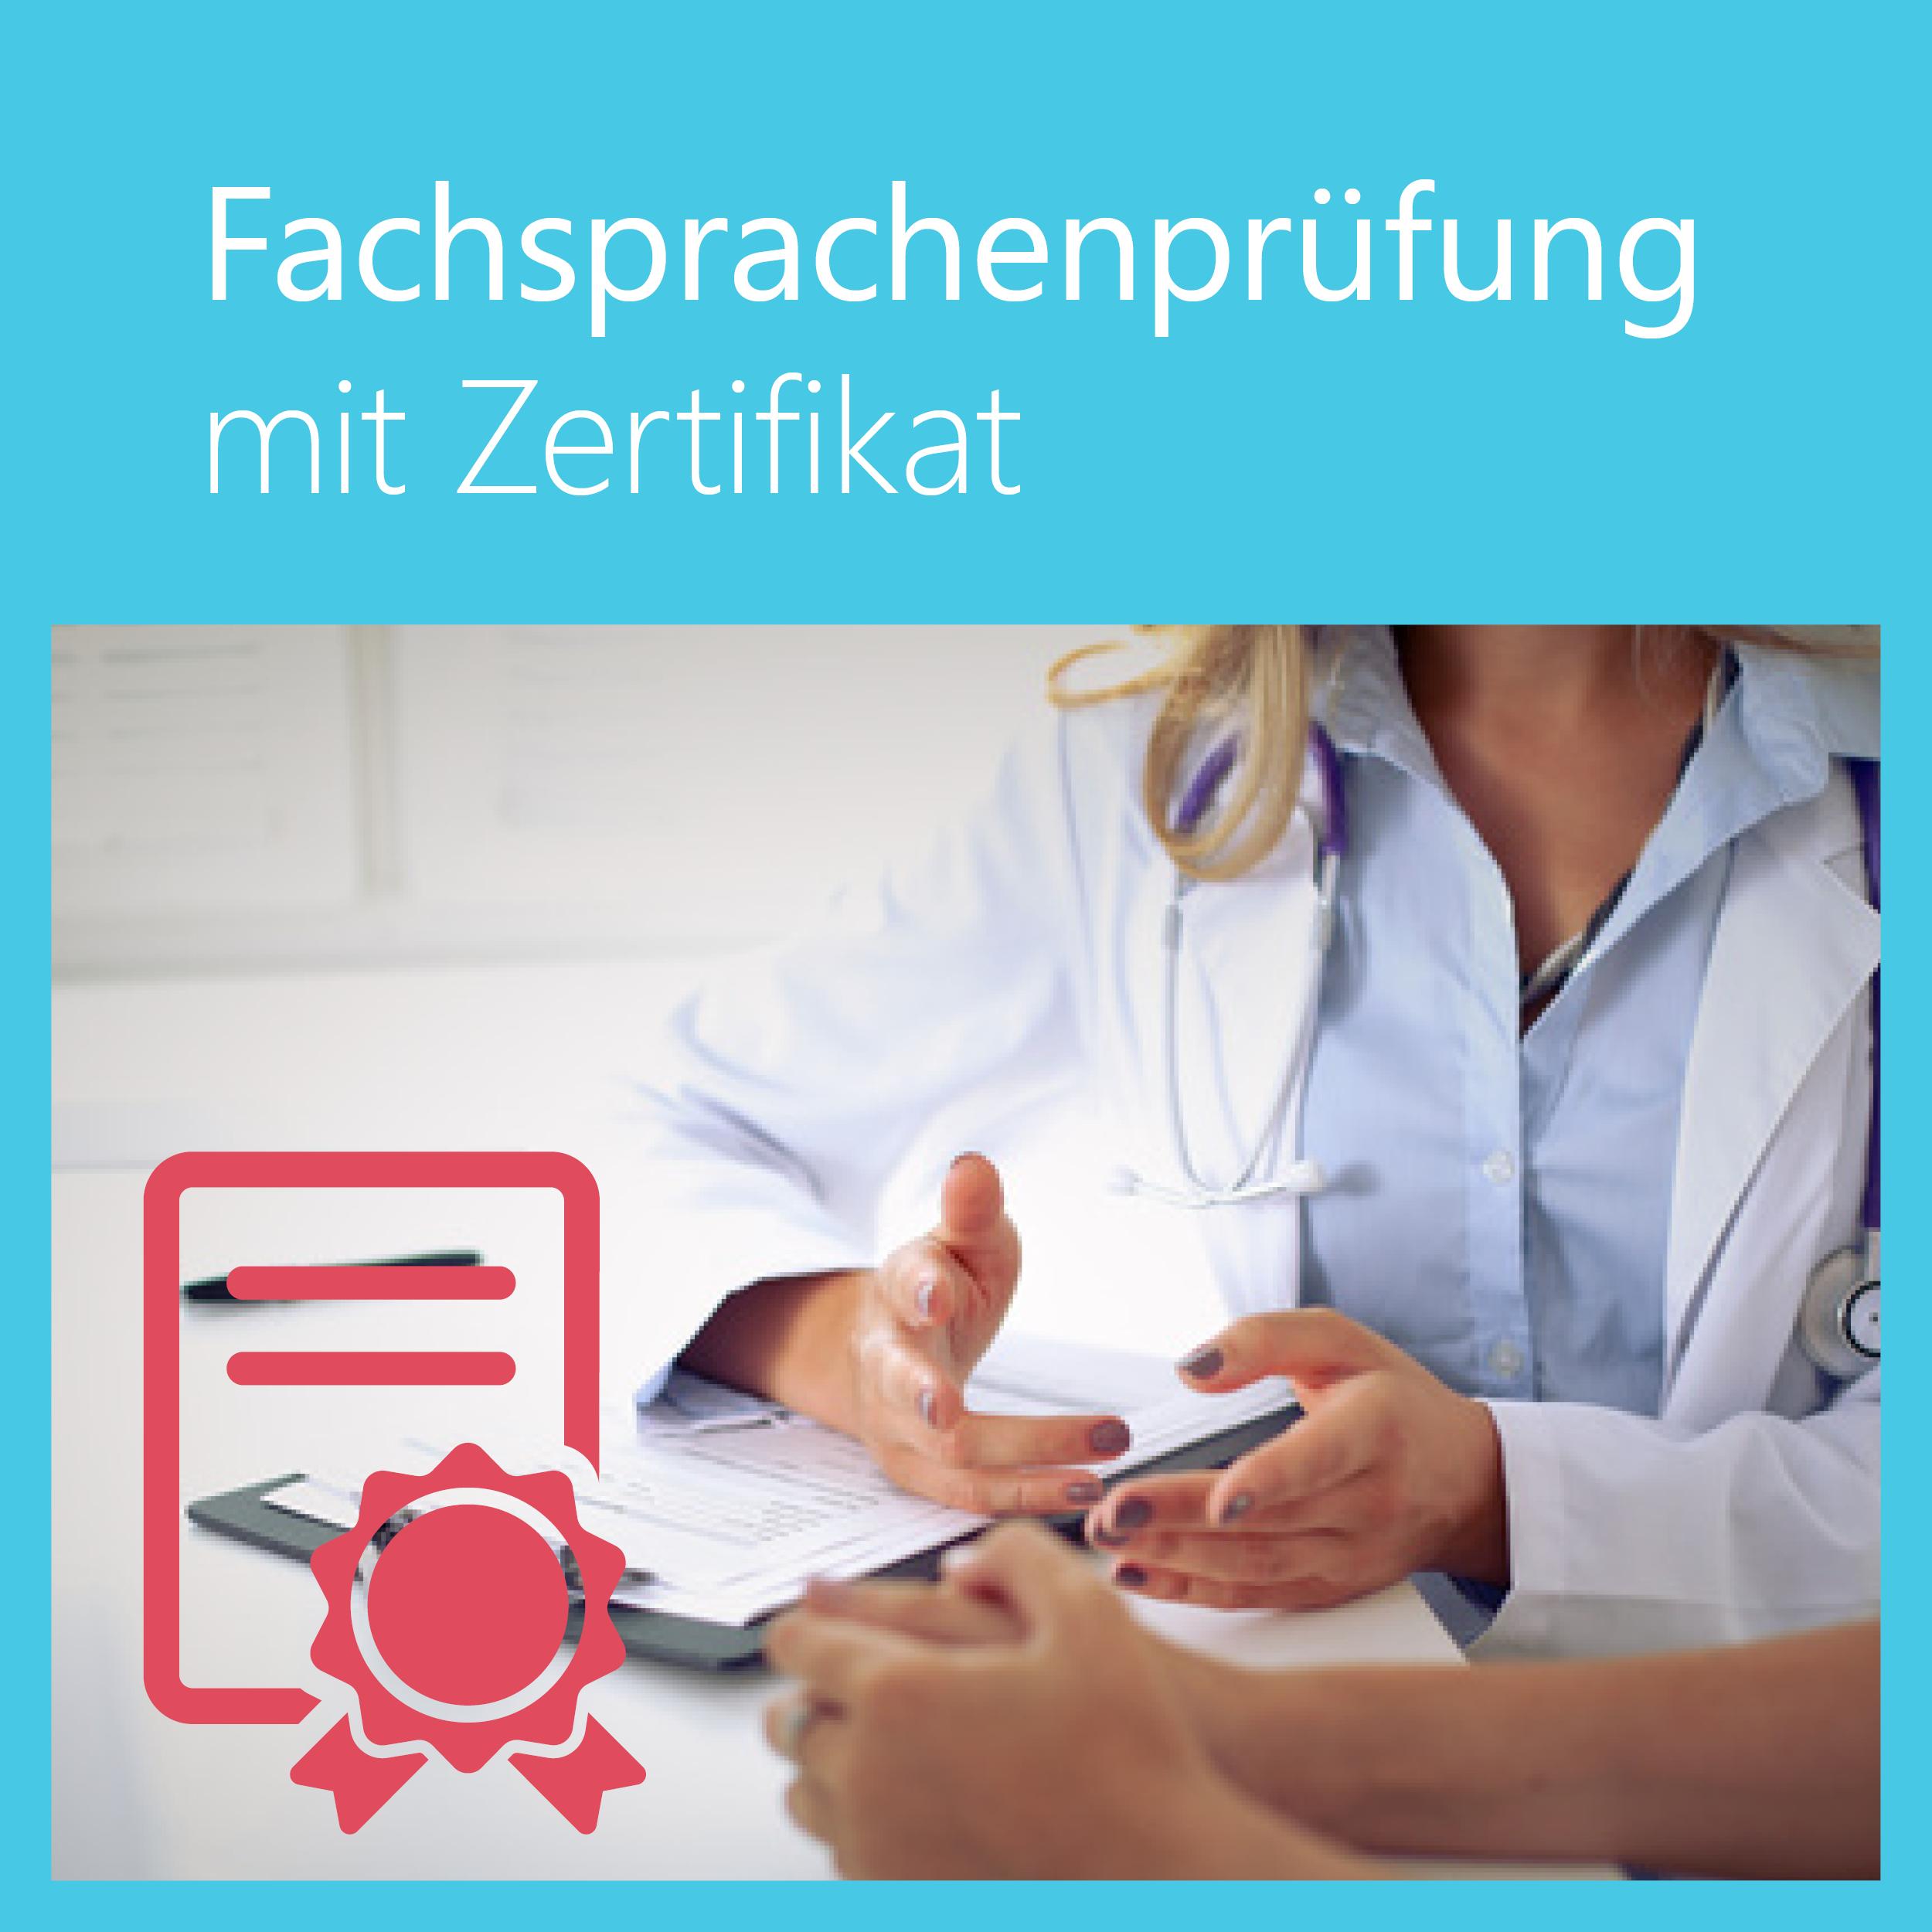 Fachsprachenprüfung Nach Vorgabe 87 Gmk Sprachlabor Hannover